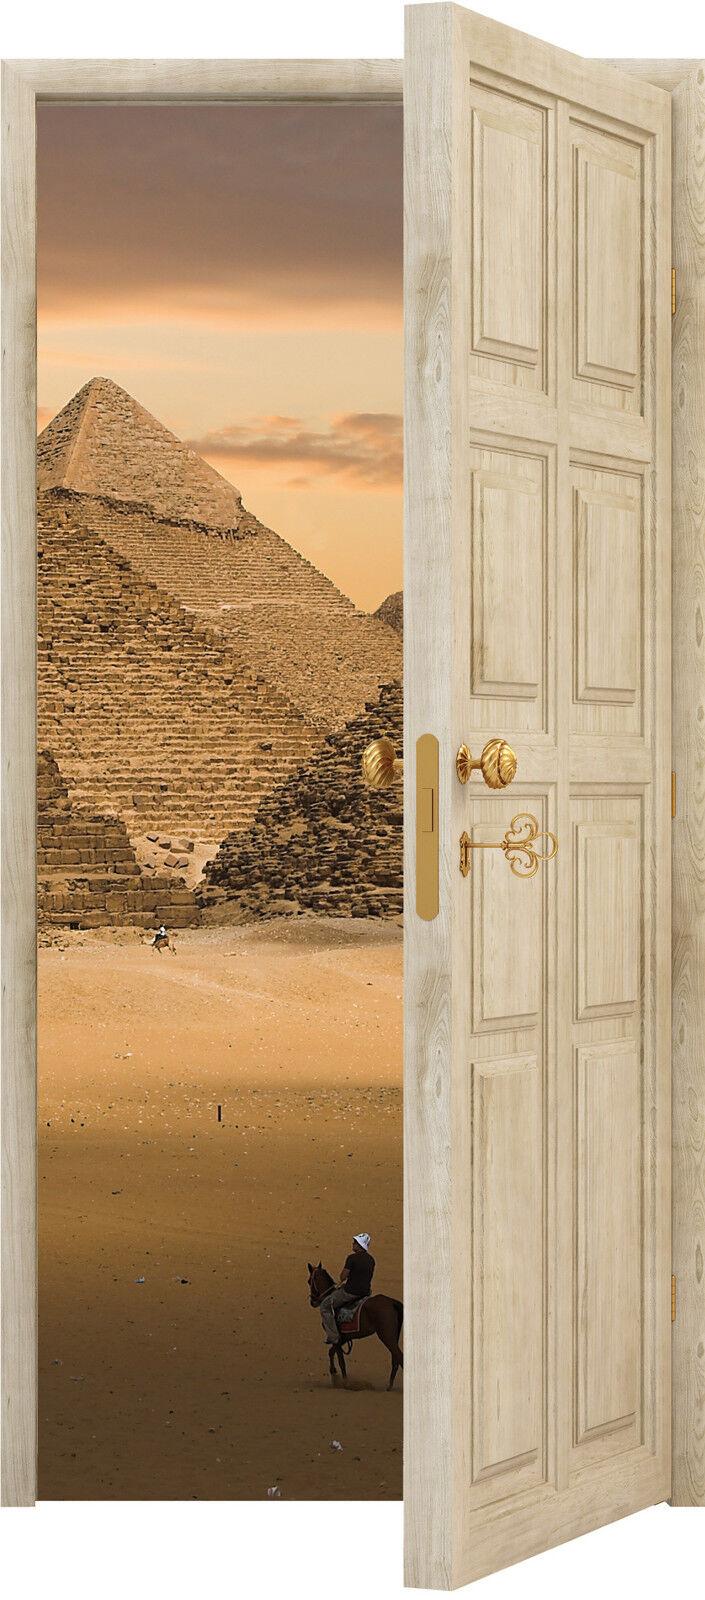 Adhesivo Puerta Trompa Trampantojo Decoración de Pared Pirámide Ref 840 (